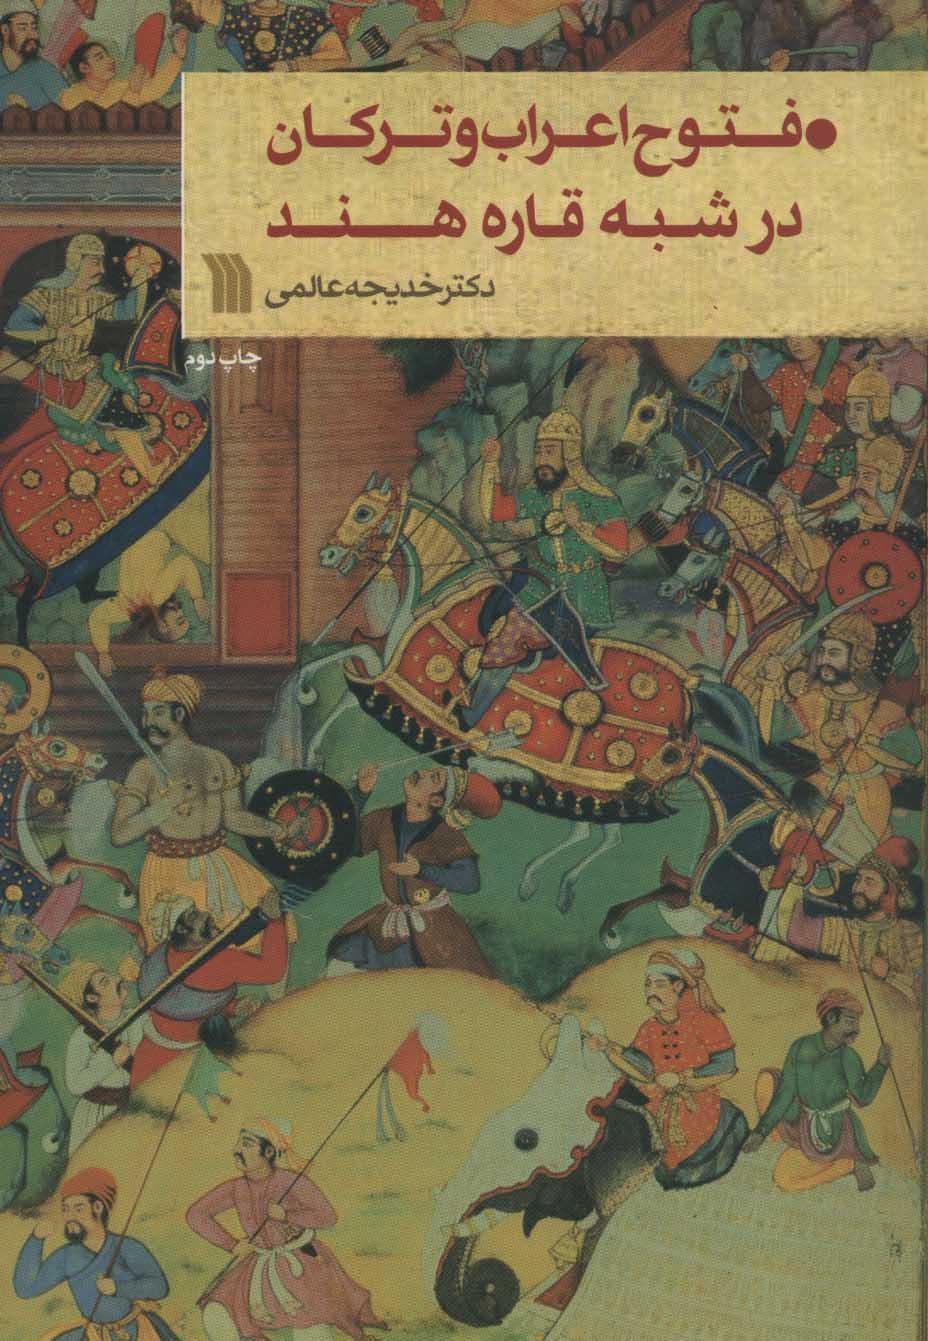 فتوح اعراب و ترکان در شبه قاره هند